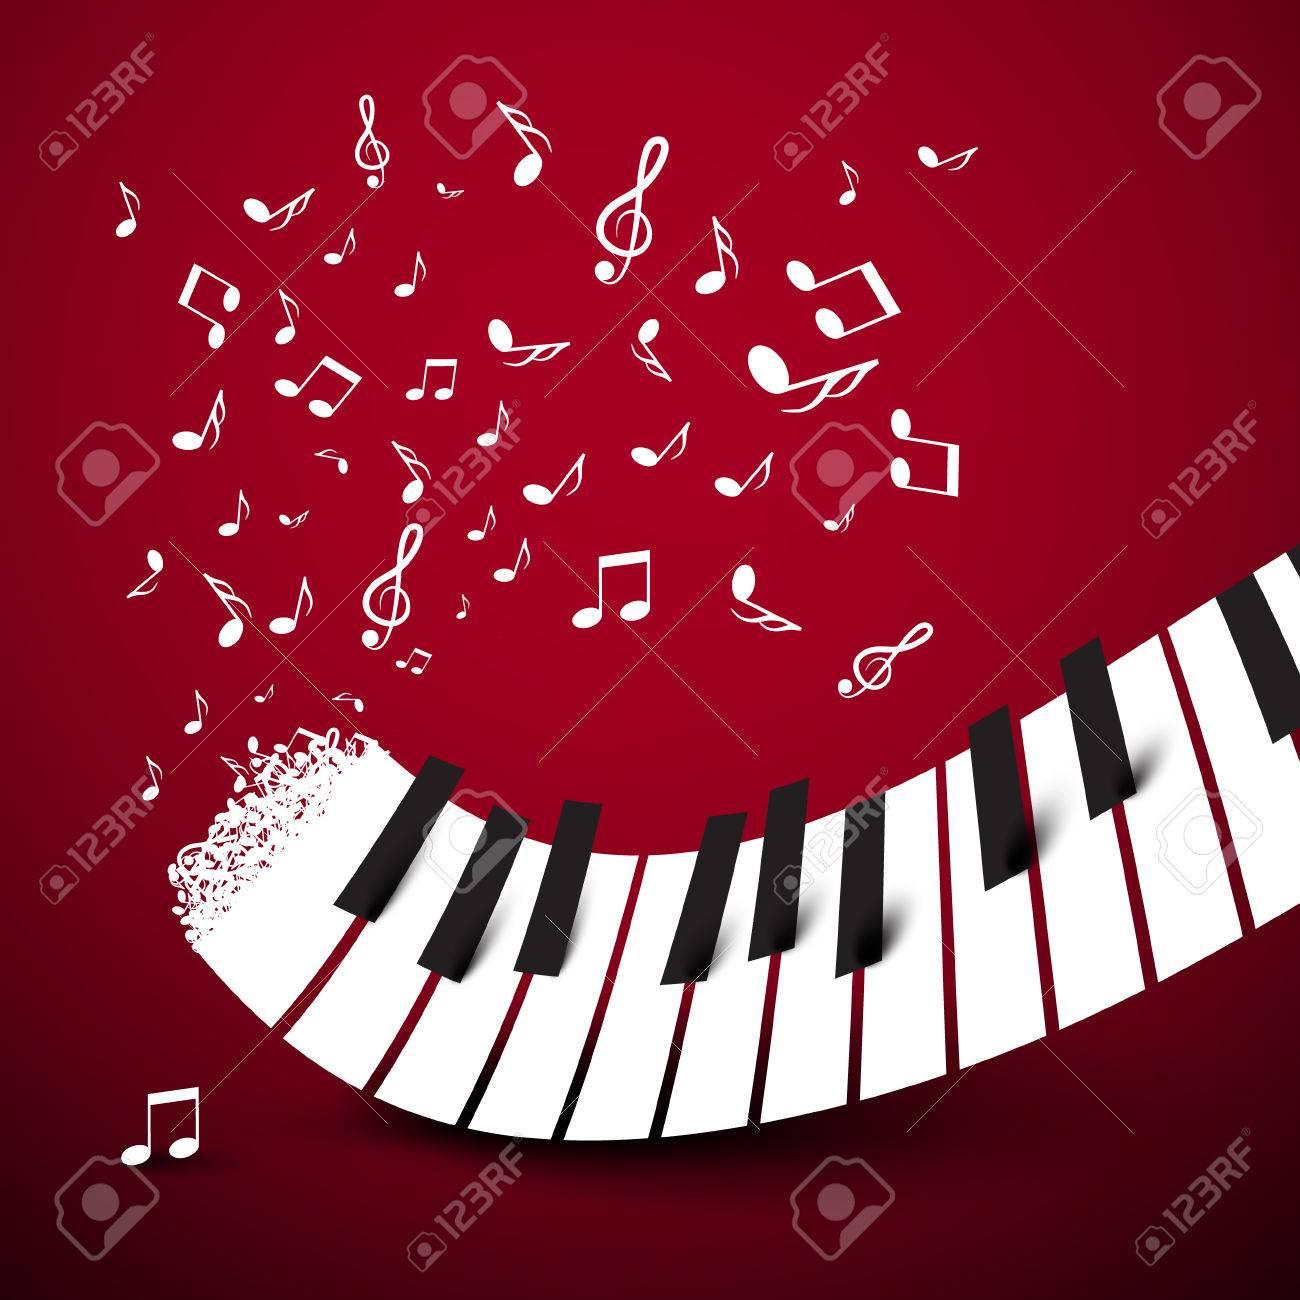 Teclas Del Piano Teclado Con Notas Símbolo De Música Ilustración